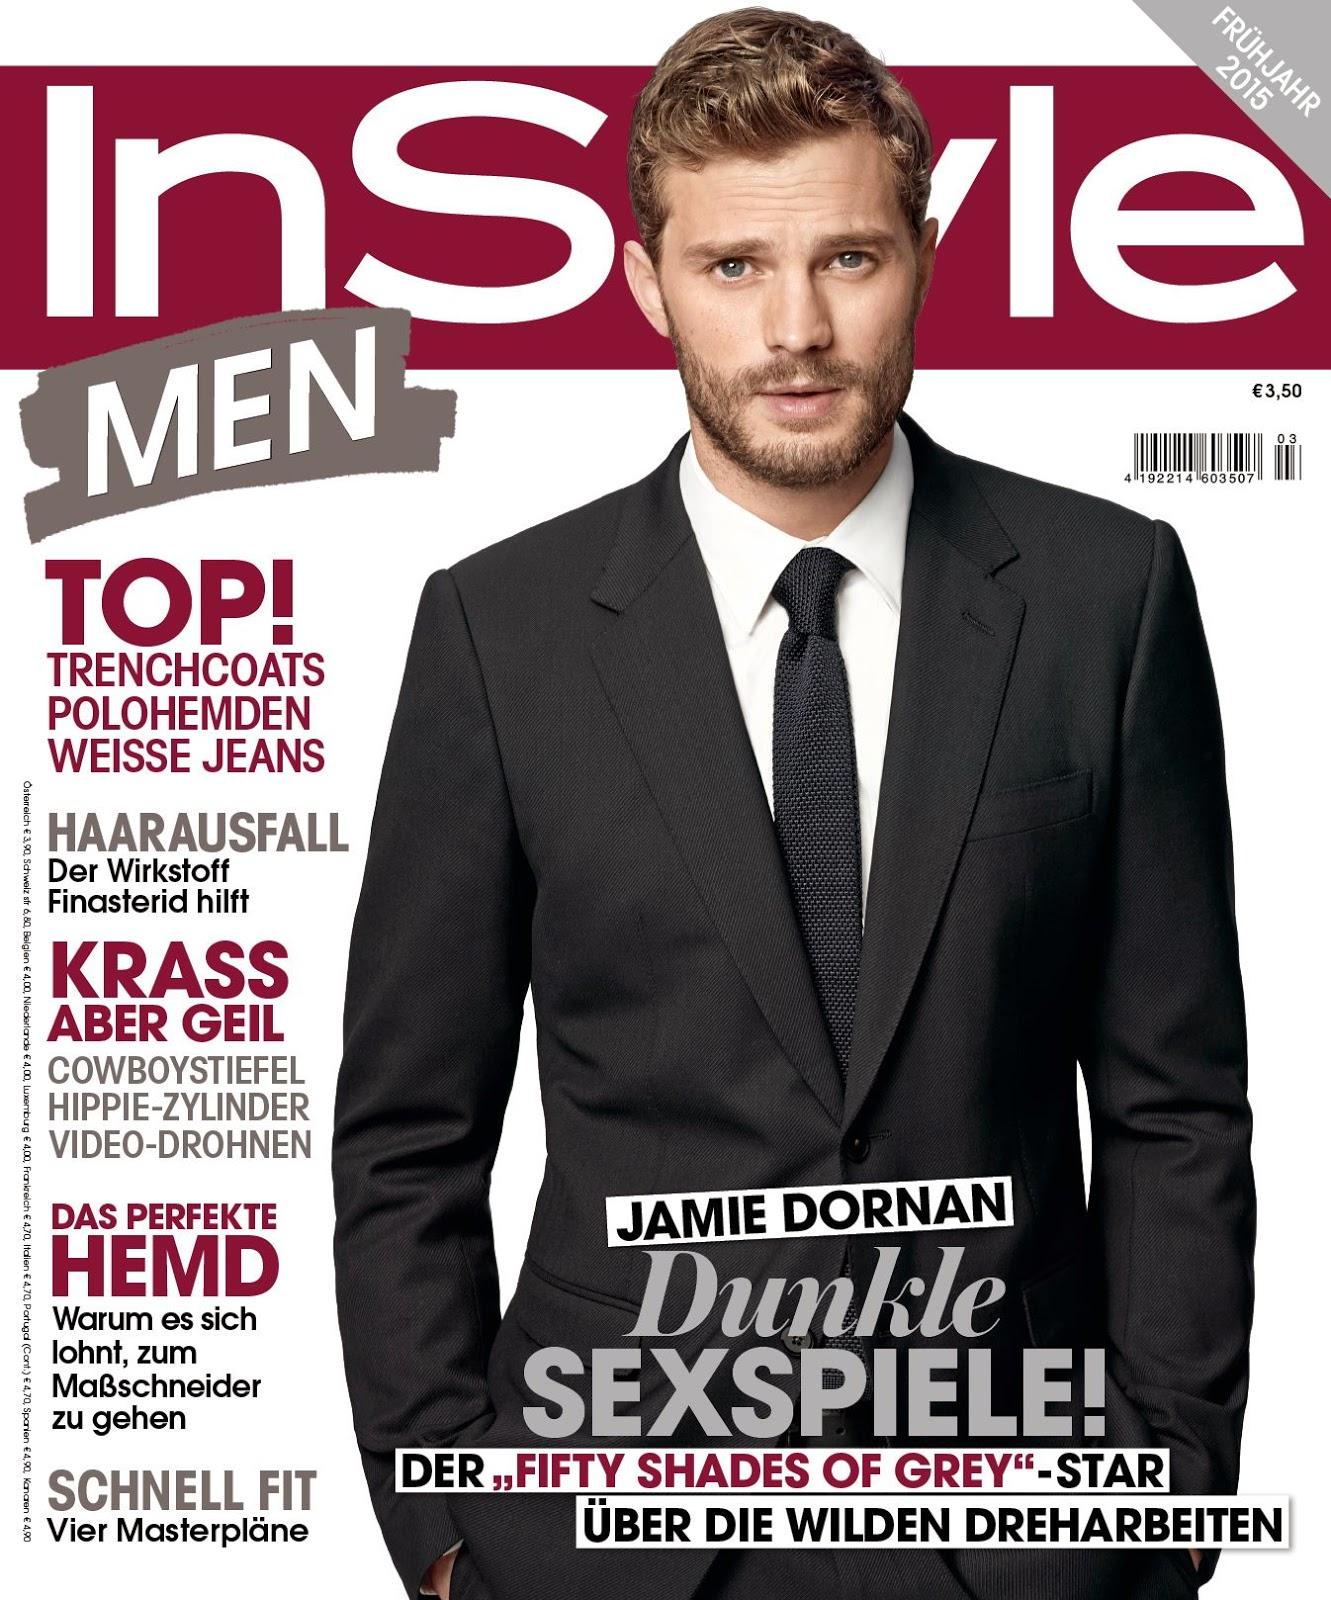 Jamie Dornan 2015 Covers: Vanity Fair Italia, DT, InStyle Germany & Glamour UK